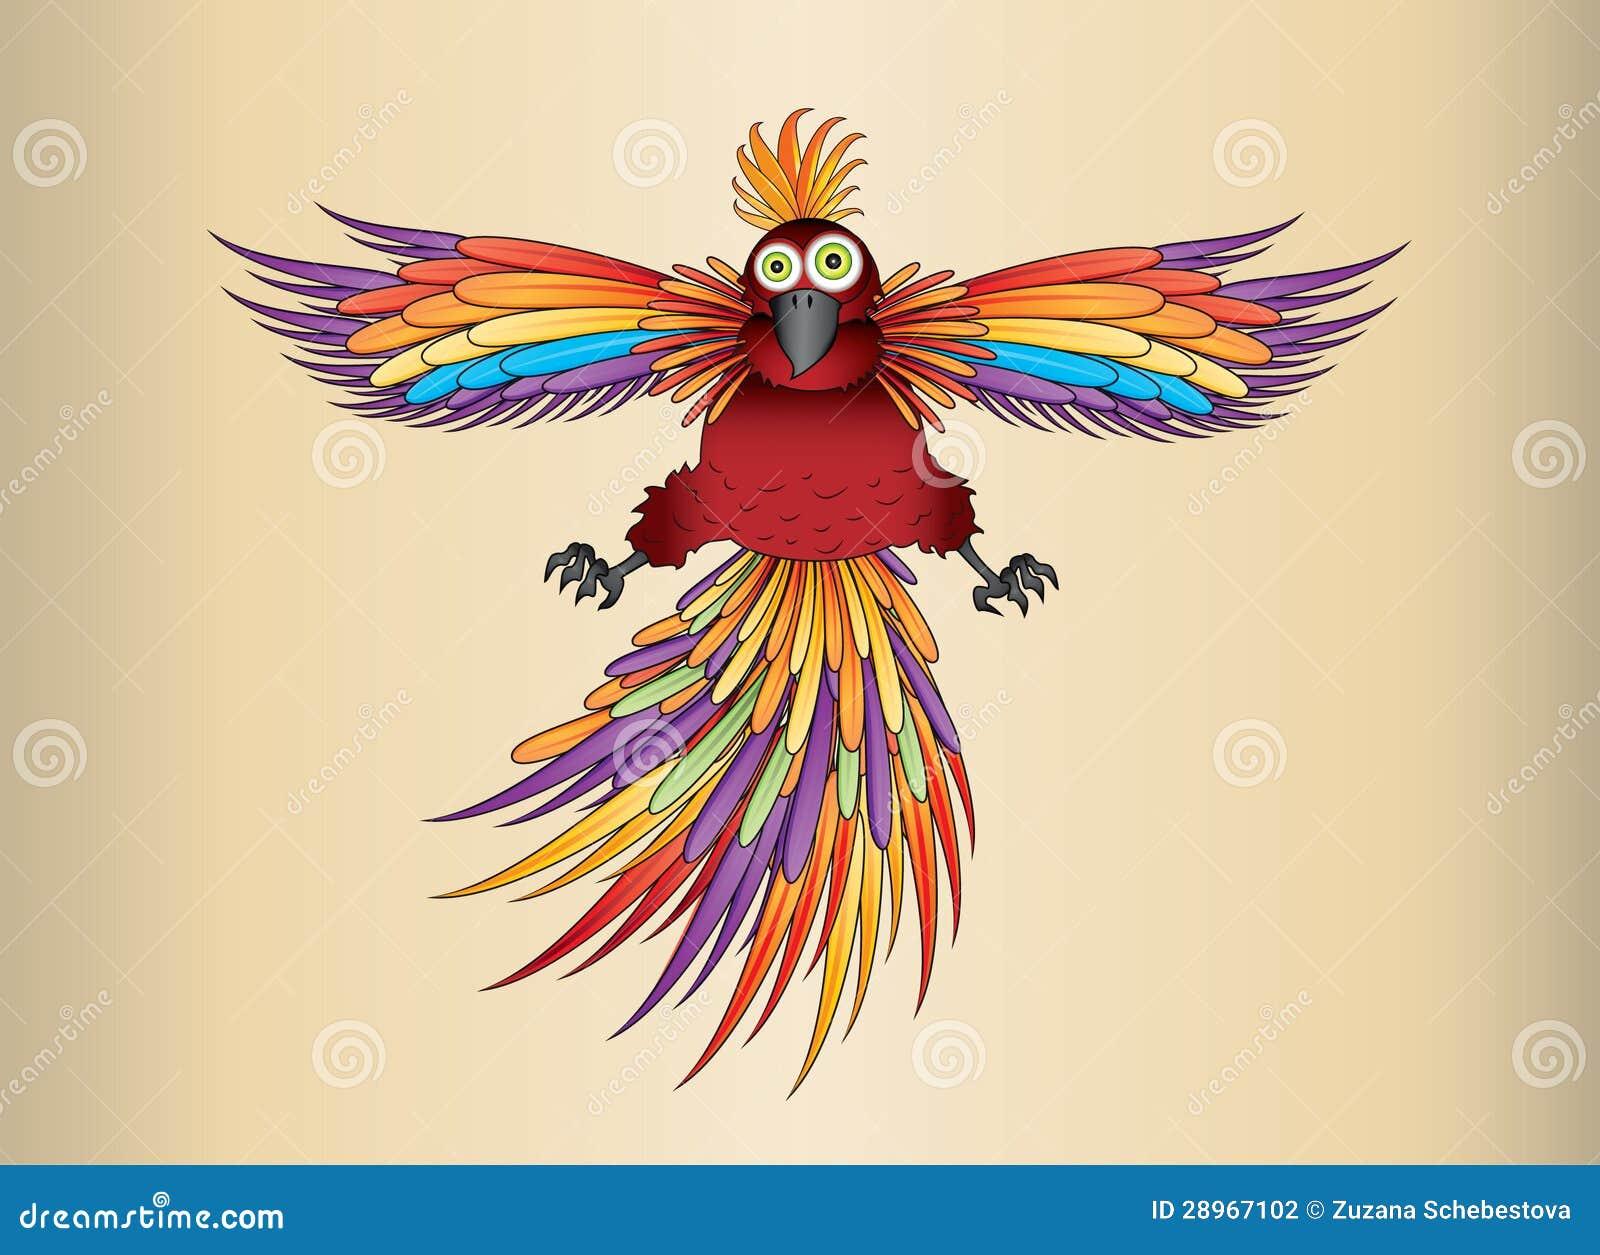 Egzotyczna papuga w tęcza kolorach